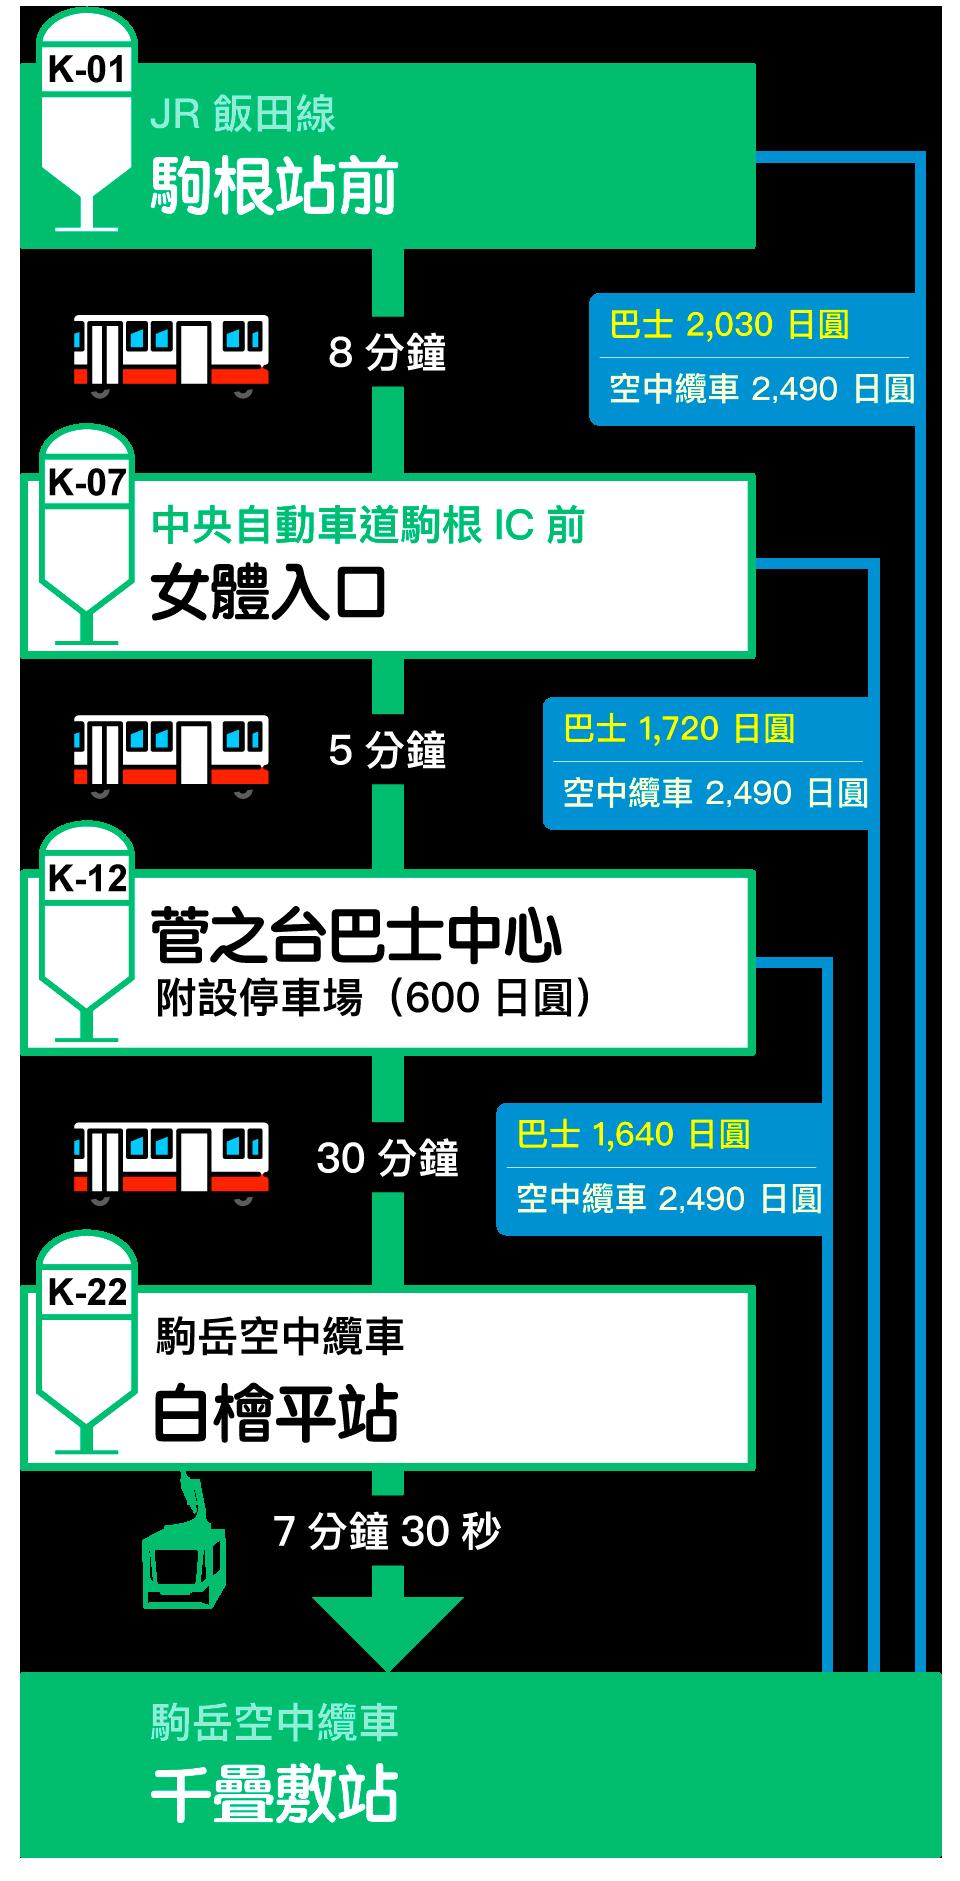 access_localbus1_tw_2019